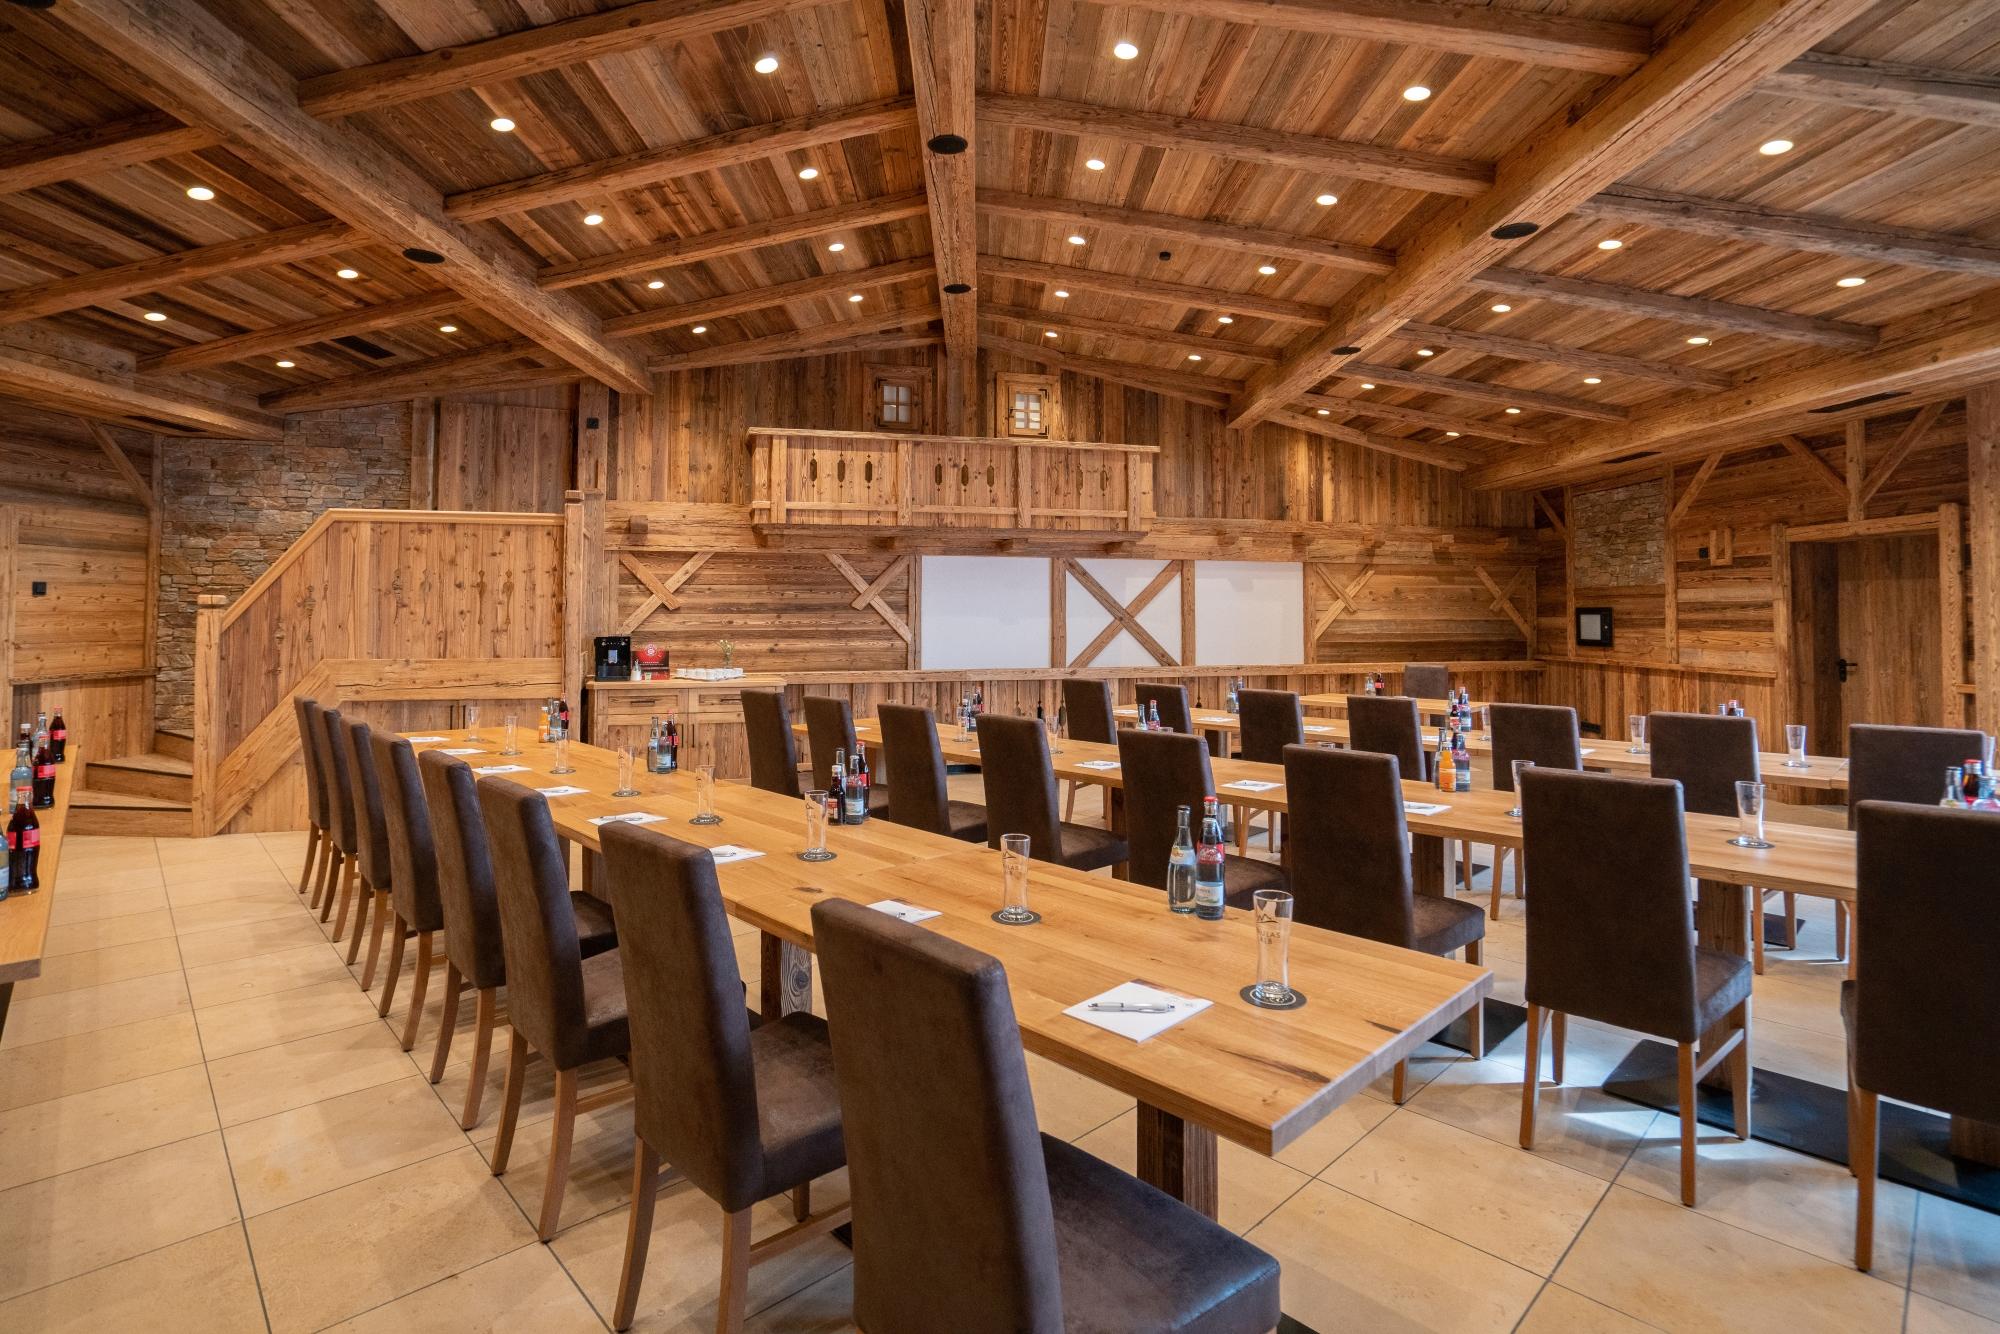 Tagungs- und Konferenzsaal | Paulas Alb | Hotel Adler